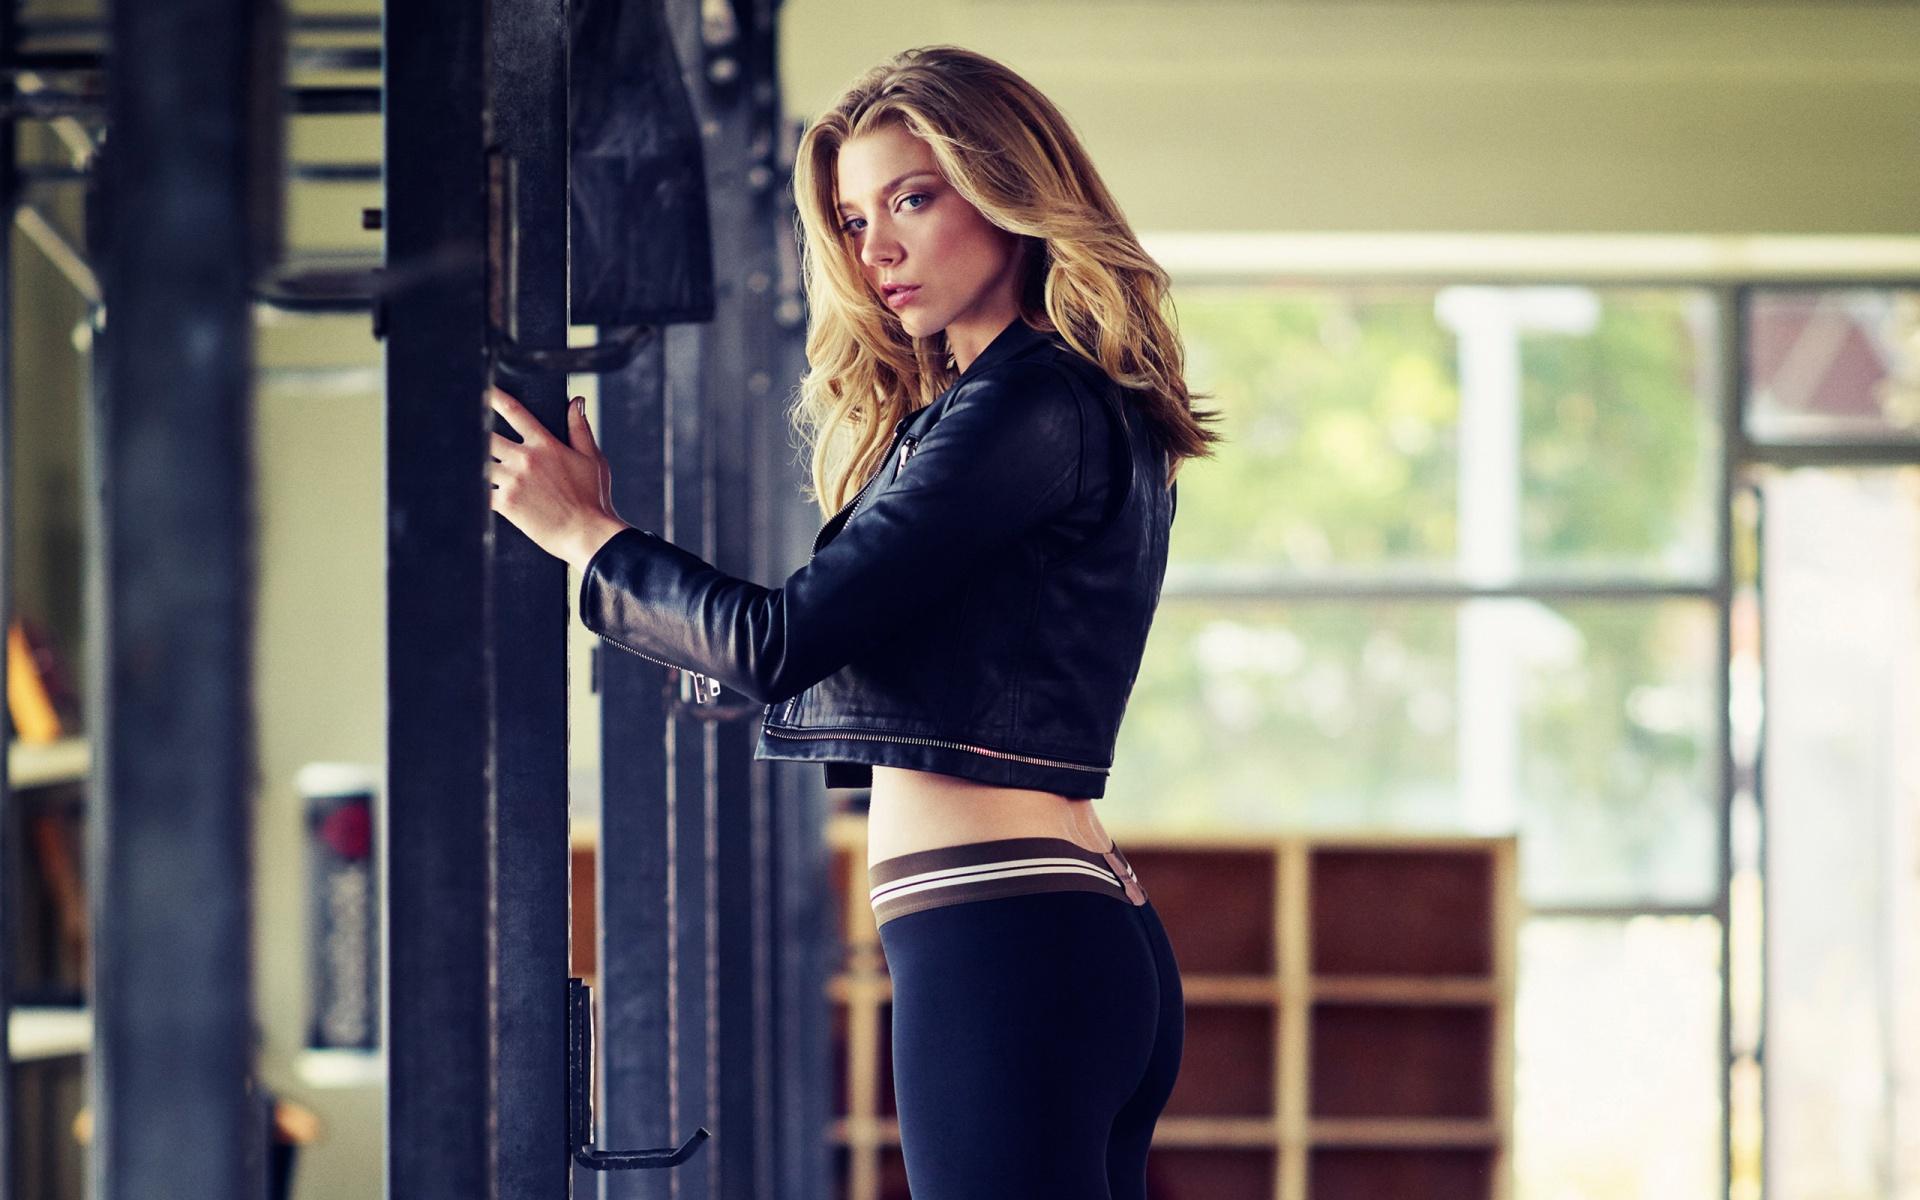 20 Beautiful HD Natalie Dormer Wallpapers - HDWallSource.com